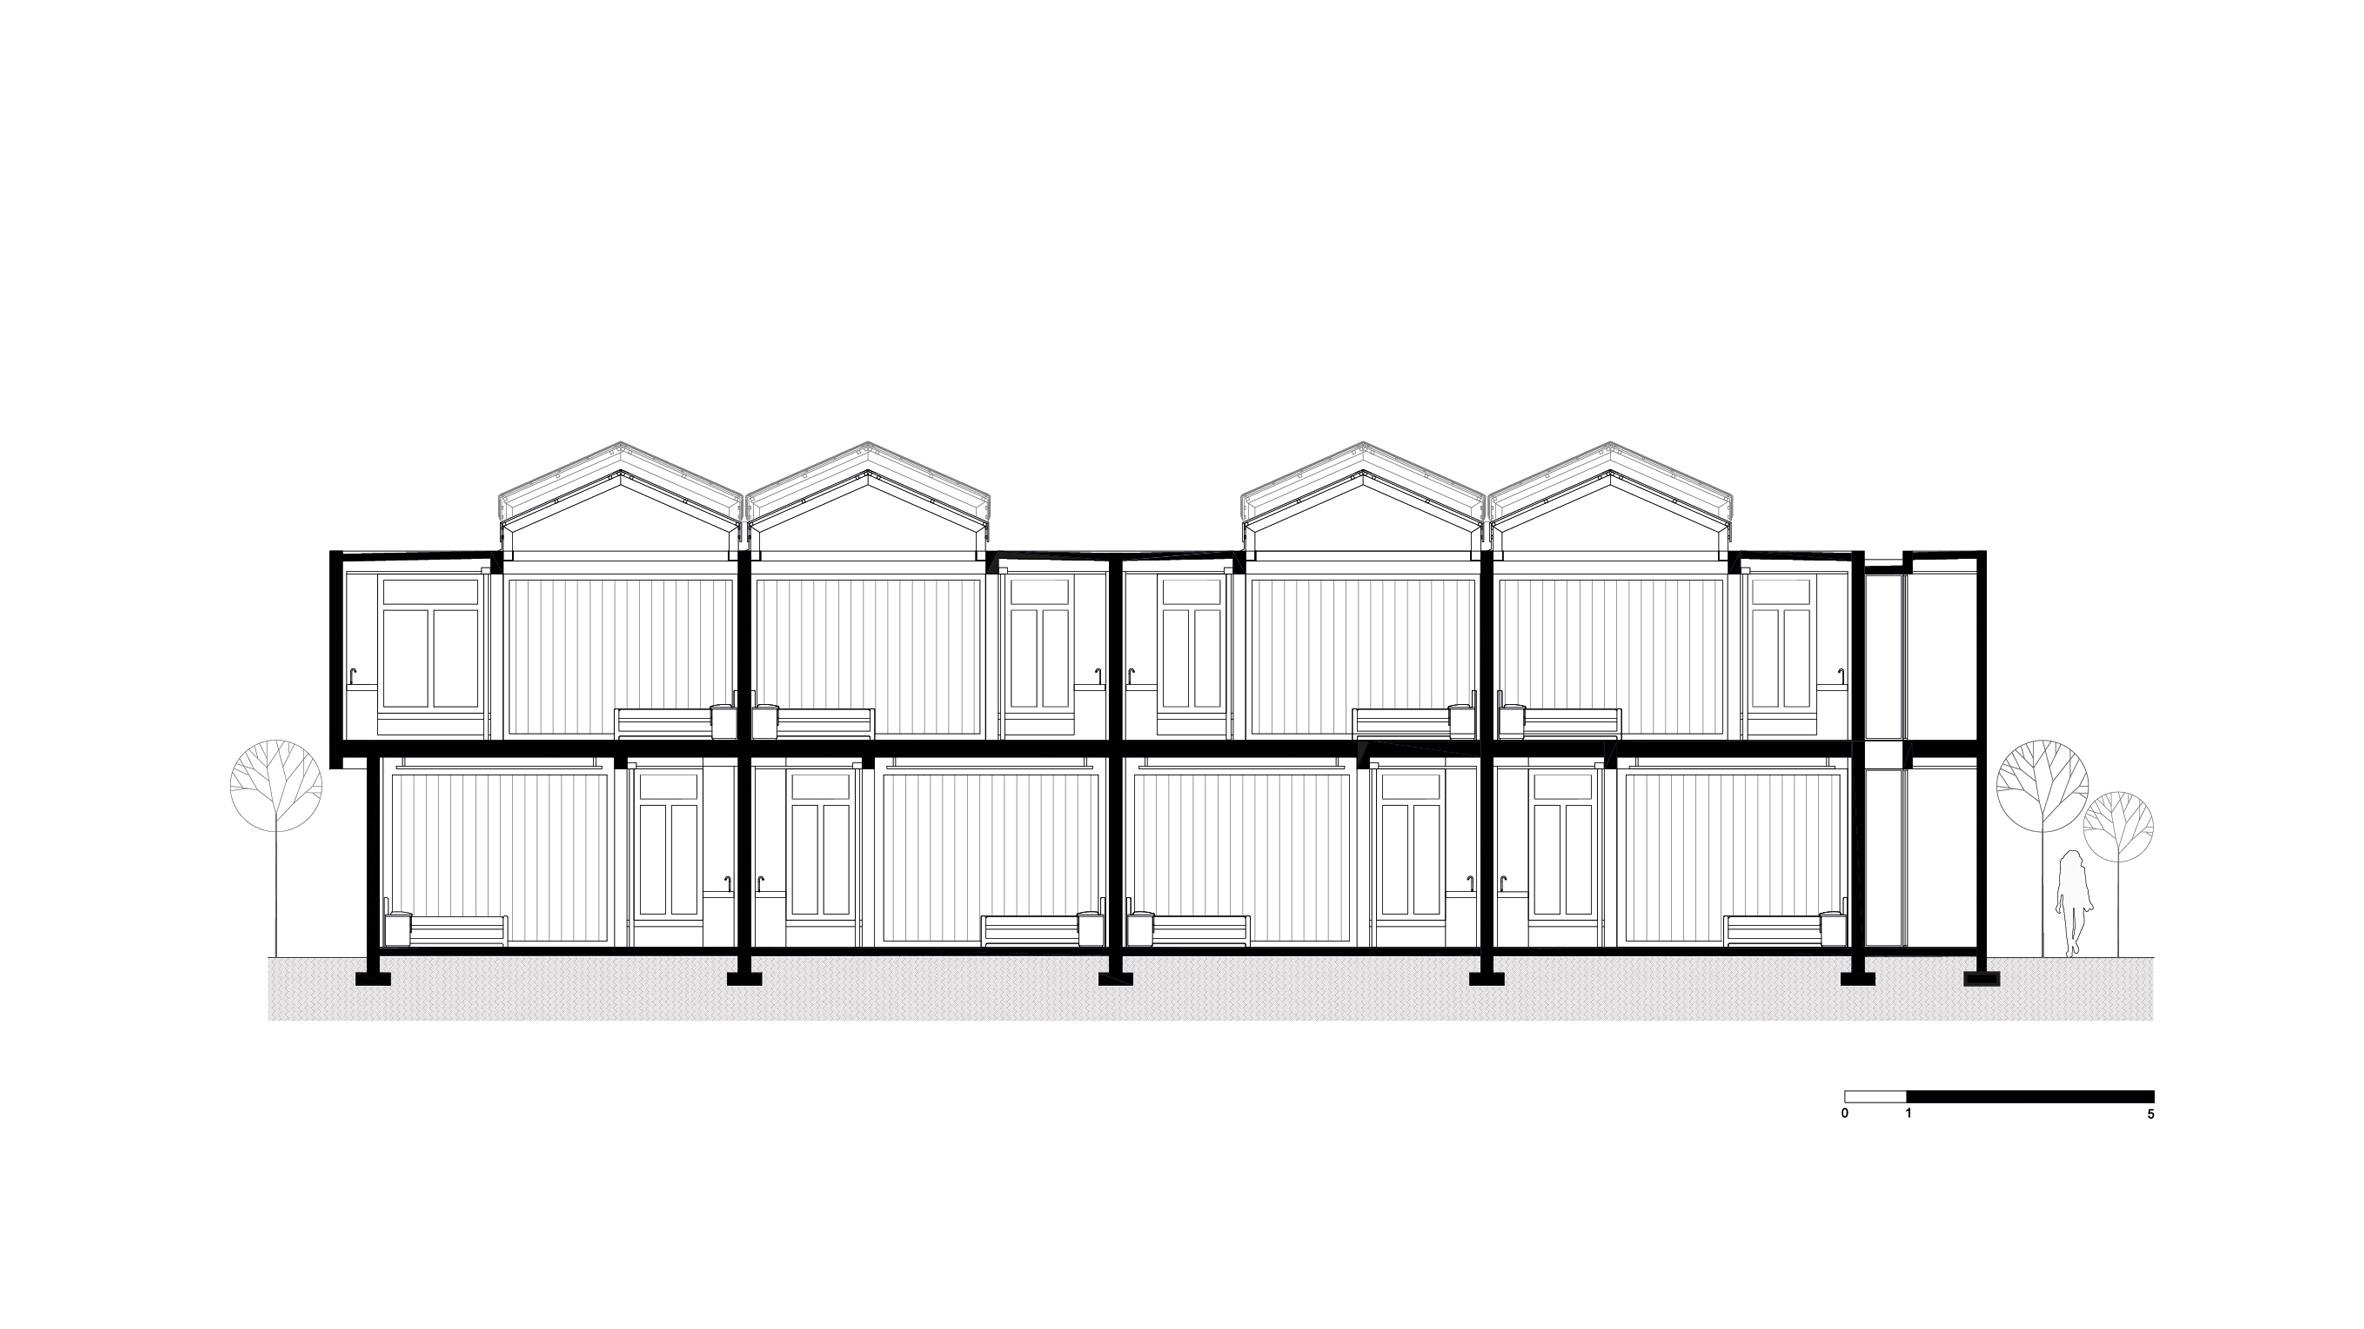 Thiết kế sân vườn Resort 13